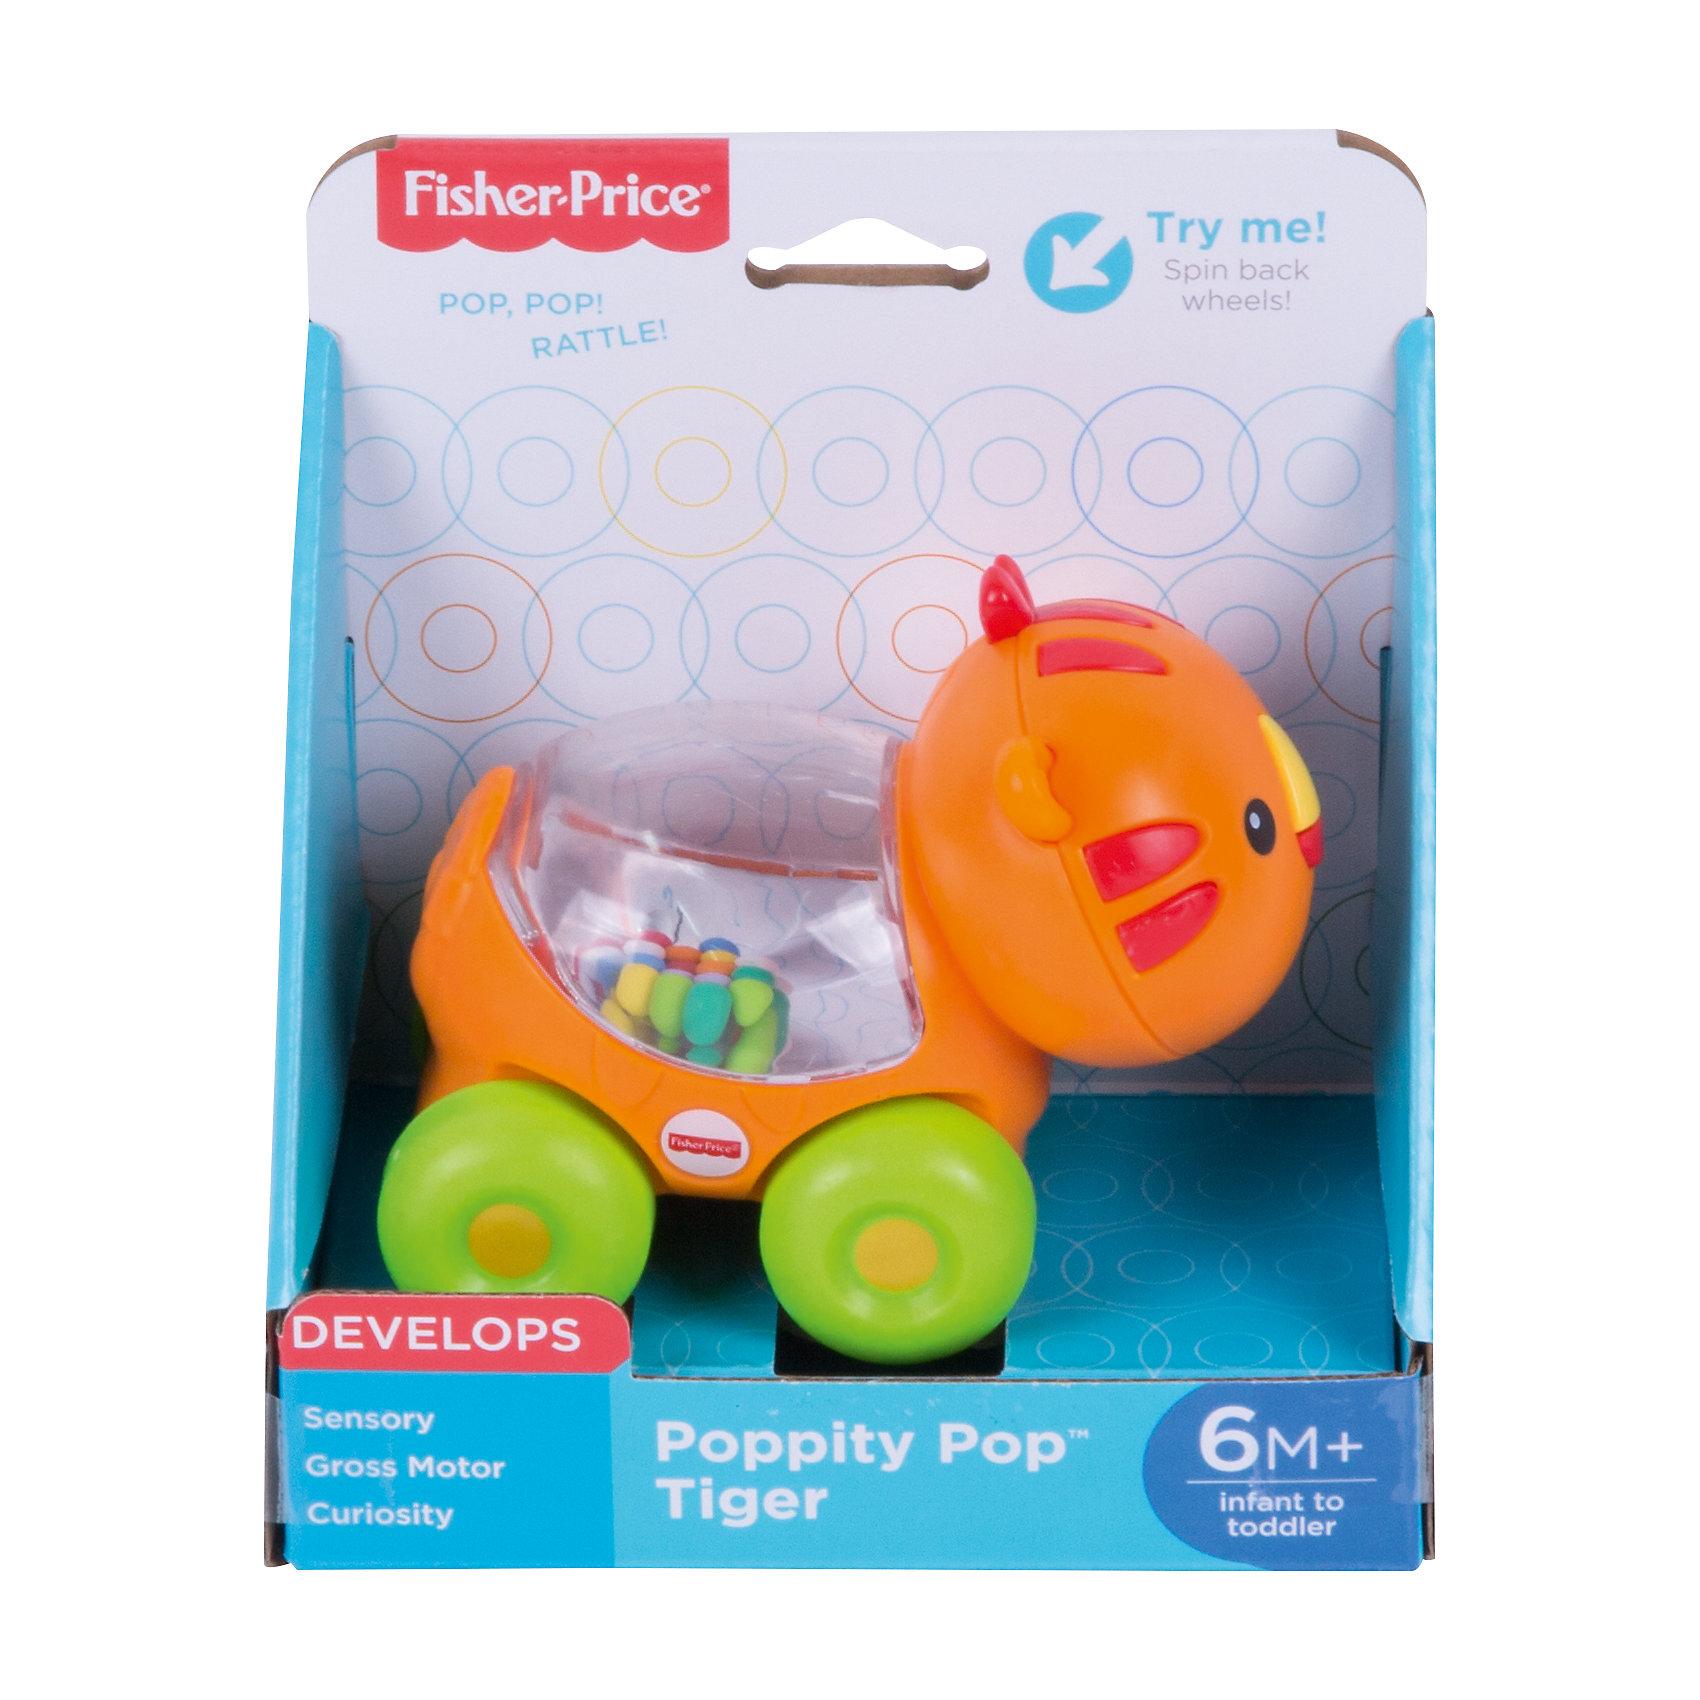 Веселый тигр с прыгающими шариками, Fisher-PriceРазвивающие игрушки<br>Характеристики детской каталки «Веселый тигр»:<br><br>• тип игрушки: каталка на колесиках;<br>• оформление игрушки: цветные шарики внутри прозрачного контейнера;<br>• звуковое сопровождение: эффект трещотки;<br>• материал: пластик;<br>• размер упаковки: 19х31х20 см;<br>• вес в упаковке: 200 г.<br><br>Развивающая игрушка Fisher-Price для малыша представлена в виде тигра, у которого на спинке имеется прозрачный контейнер с зеркальным дном. Внутри контейнера находятся цветные шарики, которые создают эффект трещотки во время движения игрушки. В процессе игры развивается наблюдательность, слуховое восприятие, координация движений. <br><br>Веселого тигра с прыгающими шариками, Fisher-Price можно купить в нашем интернет-магазине.<br><br>Ширина мм: 150<br>Глубина мм: 95<br>Высота мм: 165<br>Вес г: 200<br>Возраст от месяцев: 6<br>Возраст до месяцев: 36<br>Пол: Унисекс<br>Возраст: Детский<br>SKU: 5285012